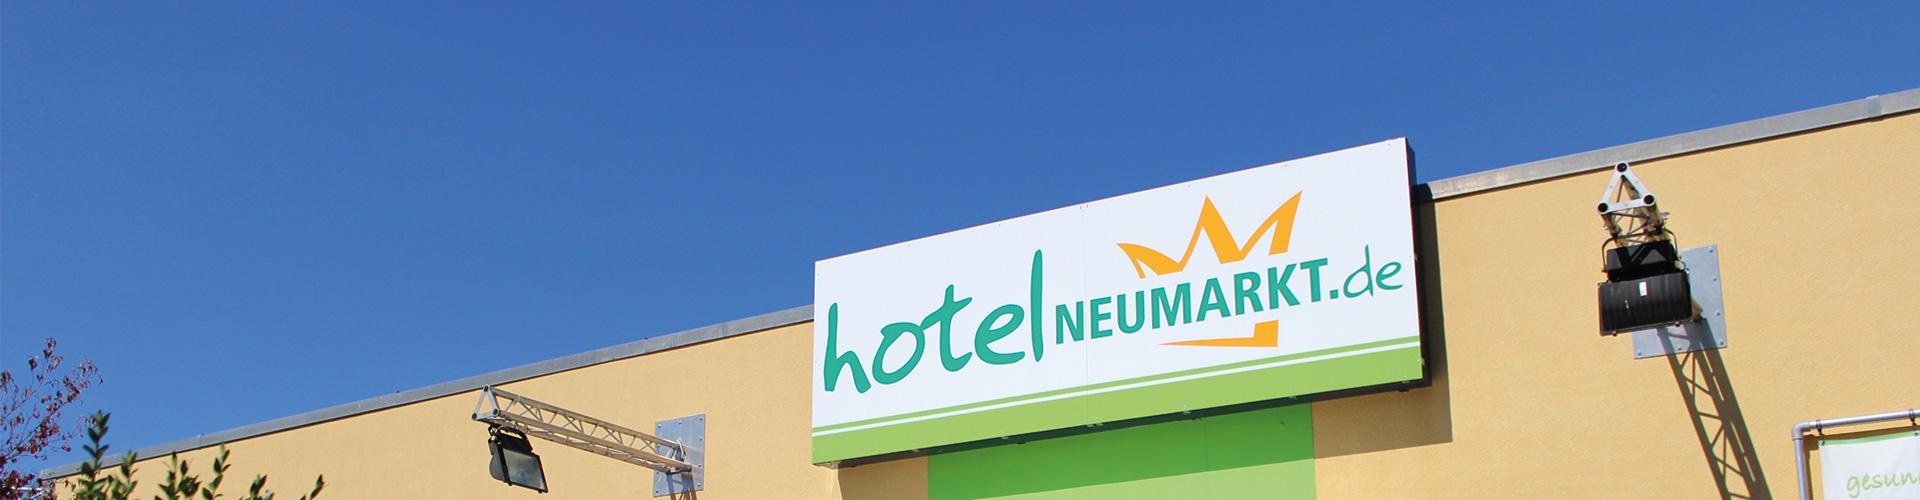 24 Shell Autohof Neumarkt Hotel